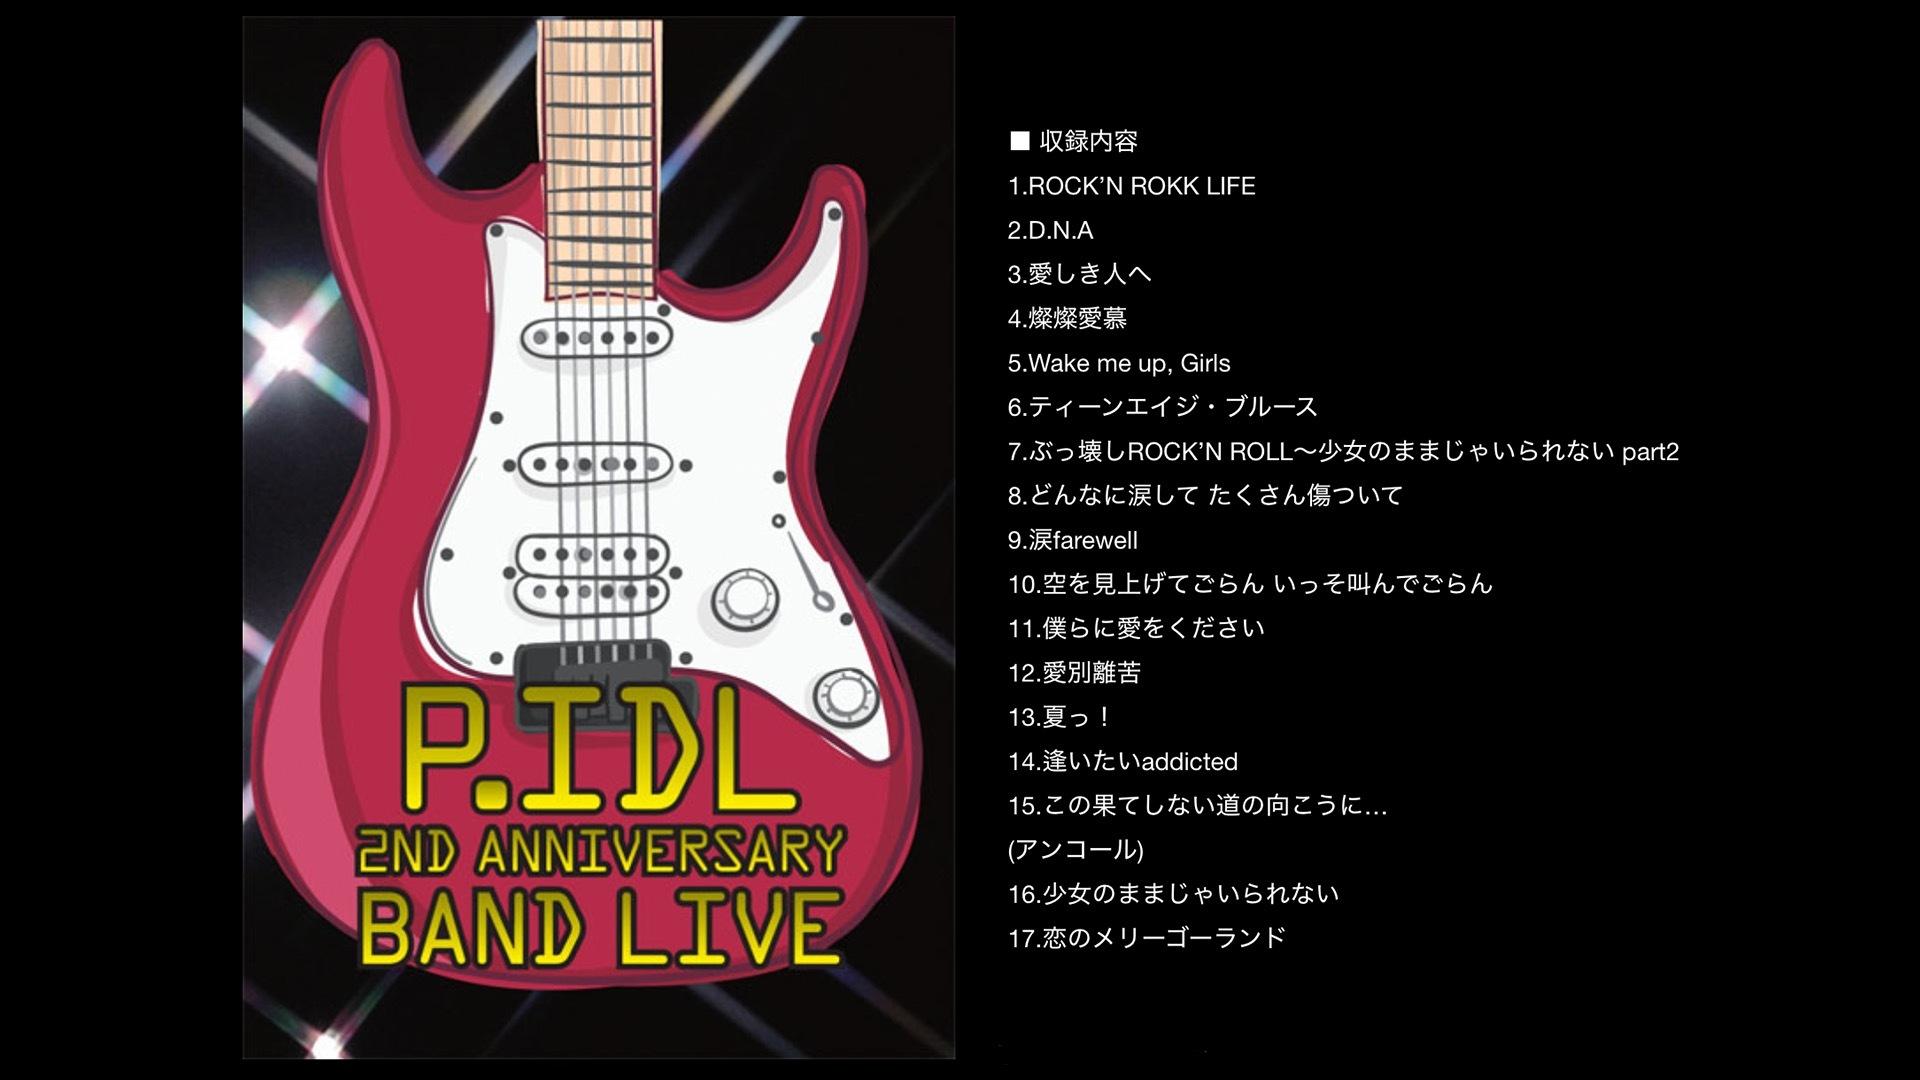 P.IDL 2nd Anniversary BAND LIVE